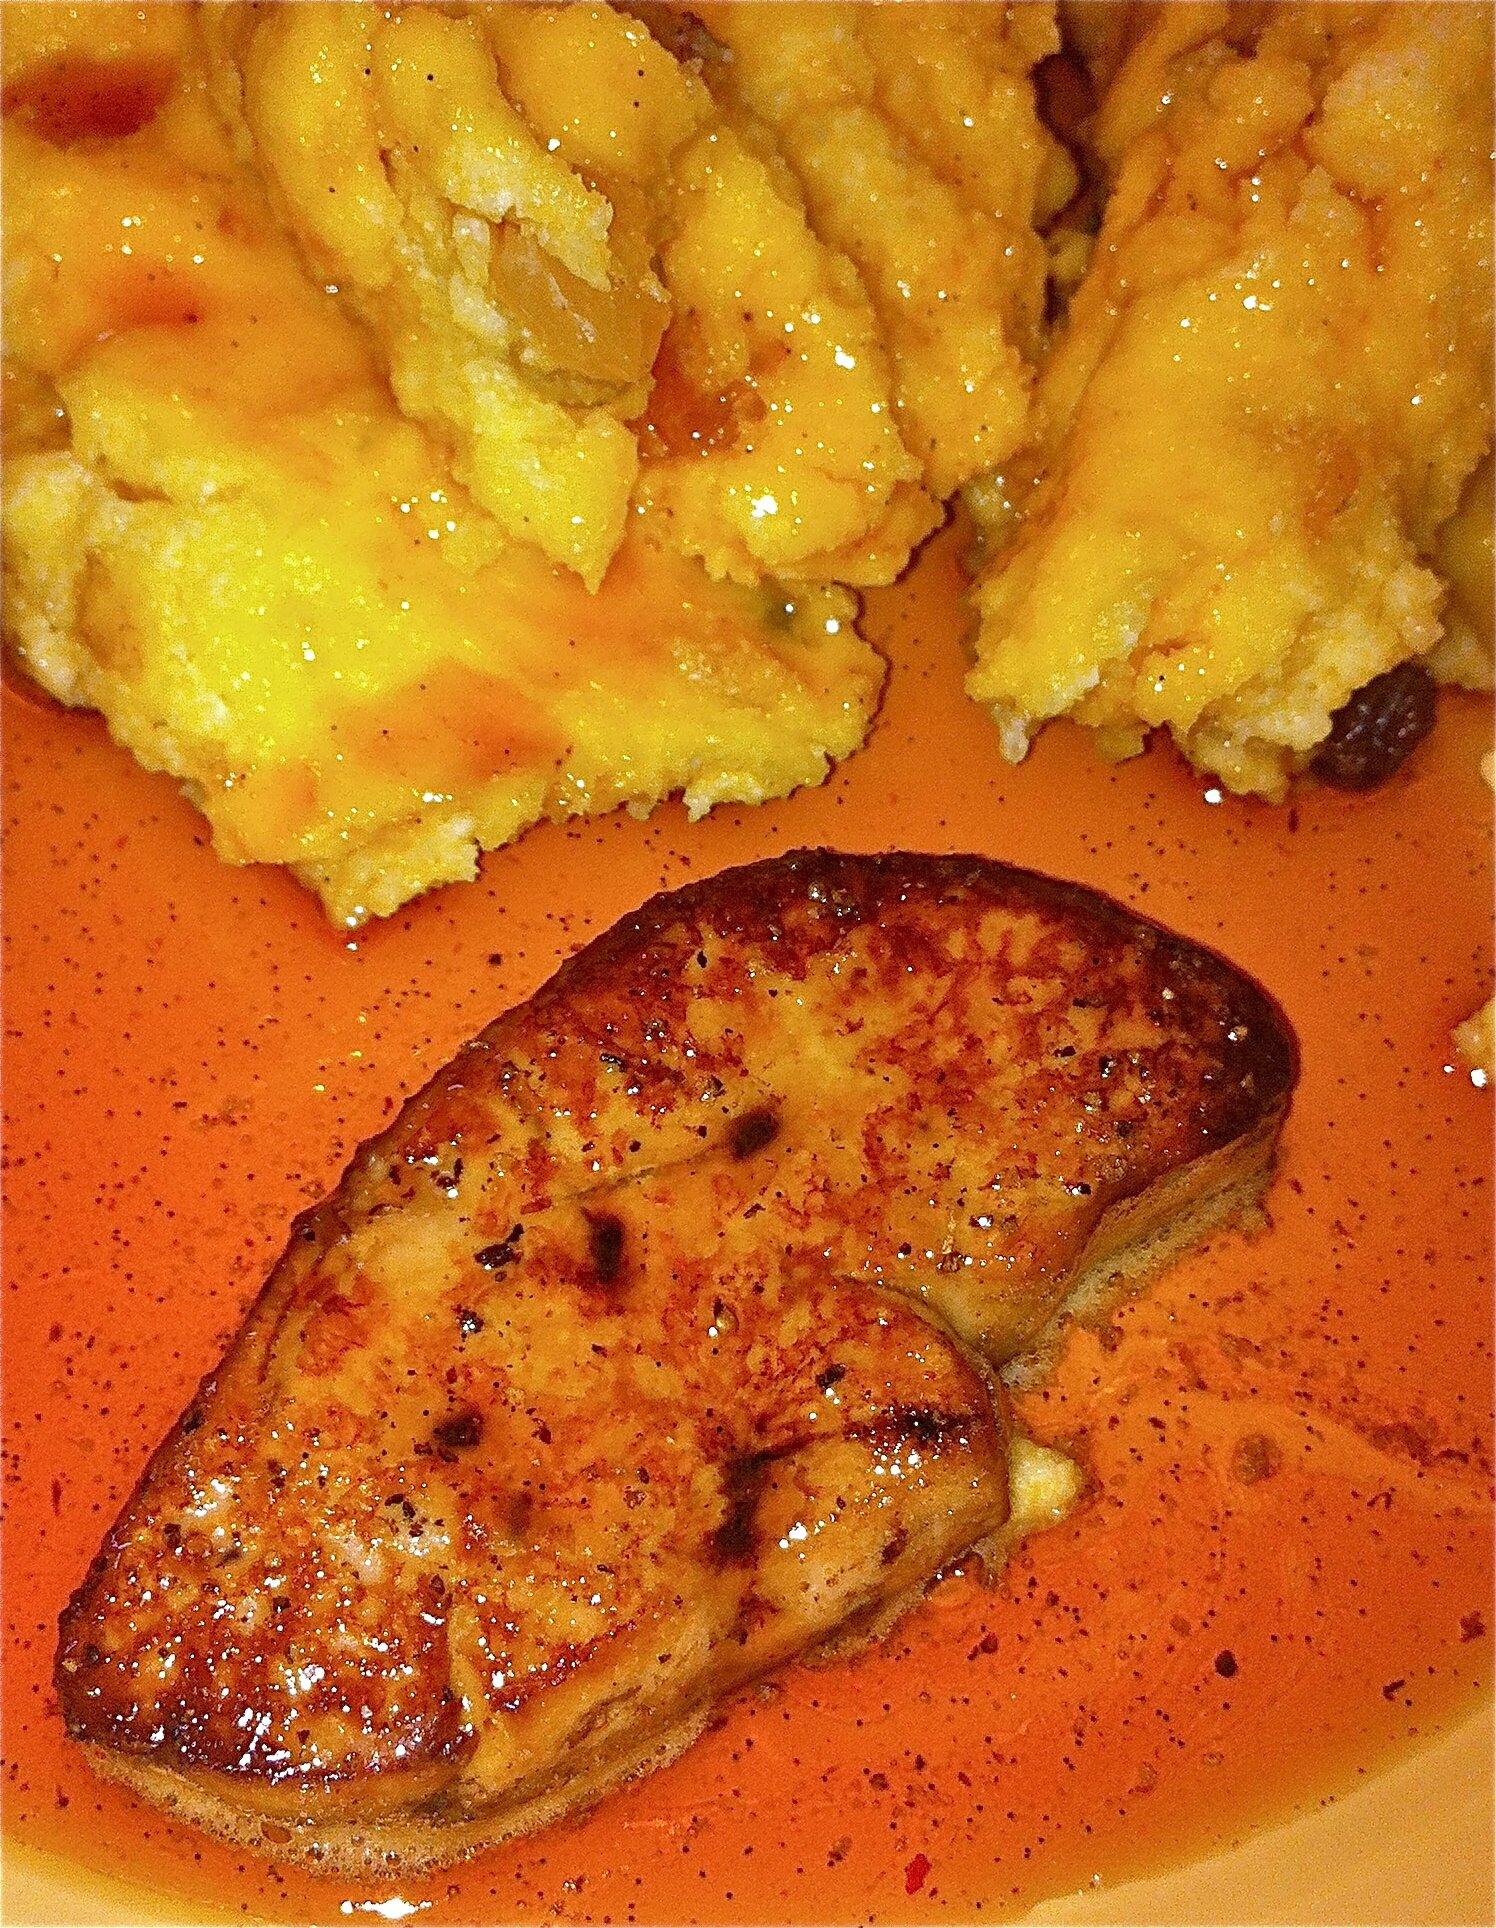 escalope de foie gras-polenta aux fruits secs-jus caramélisé aux épices